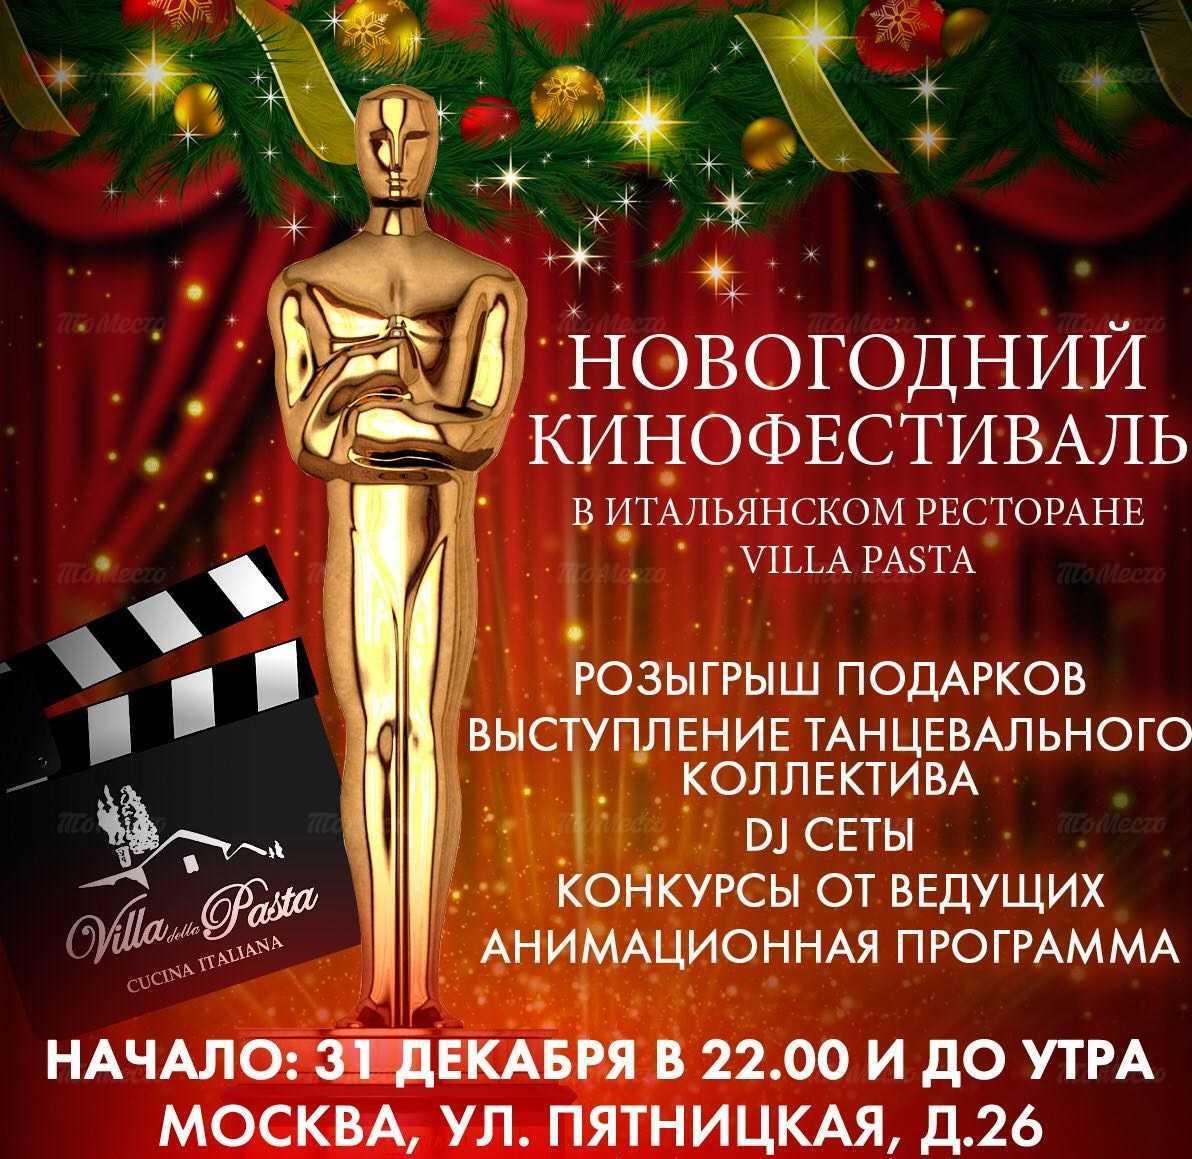 Новогодний кинофестиваль